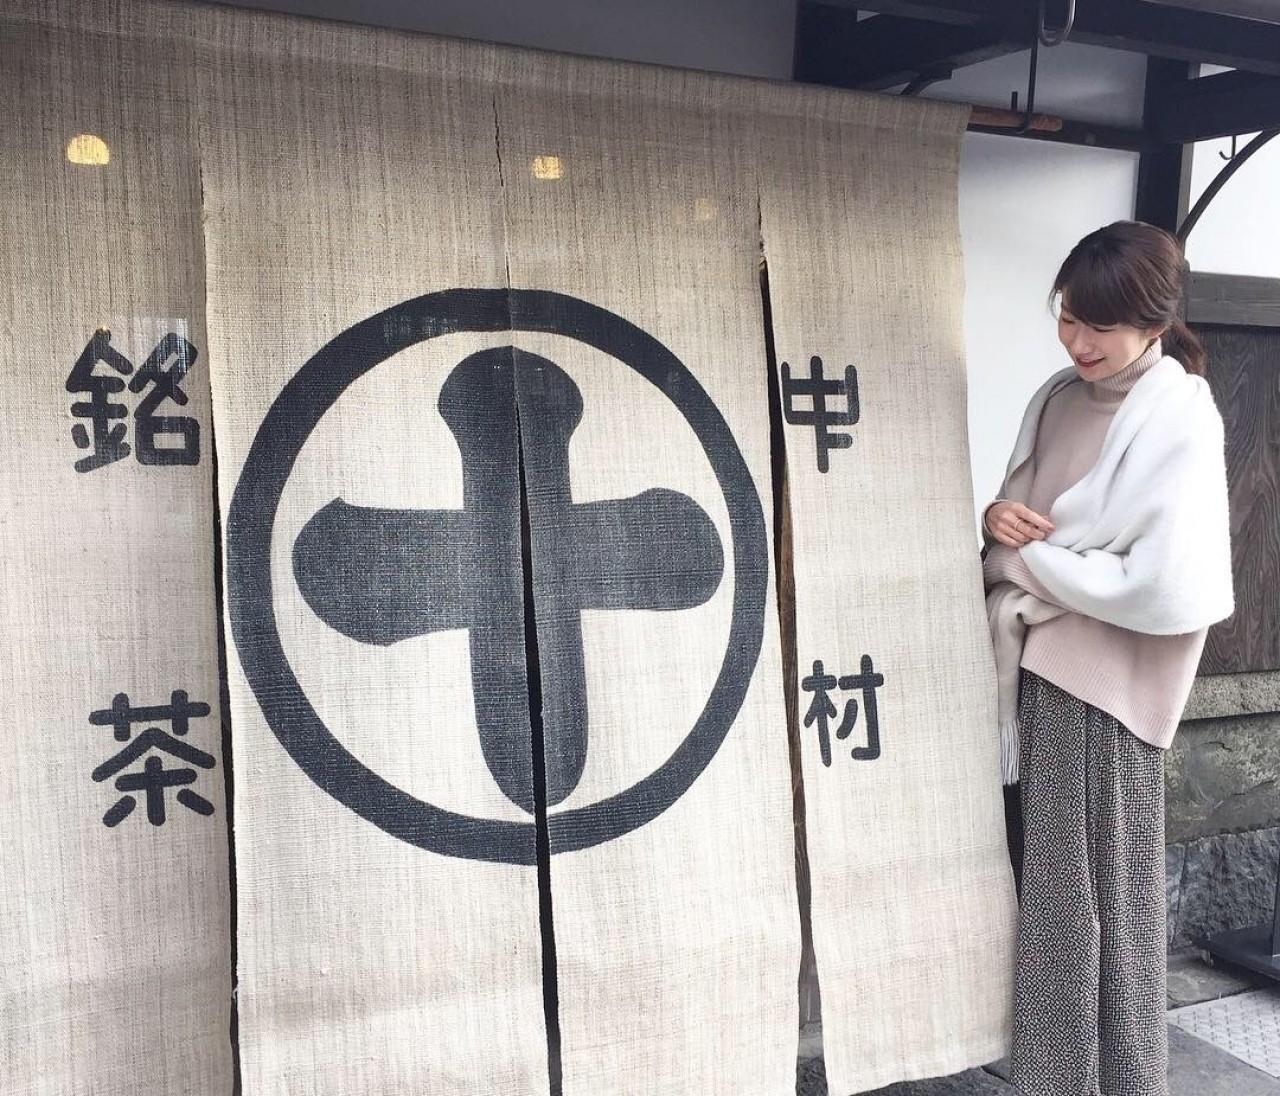 ゆるゆるコーデで京都宇治へ♡